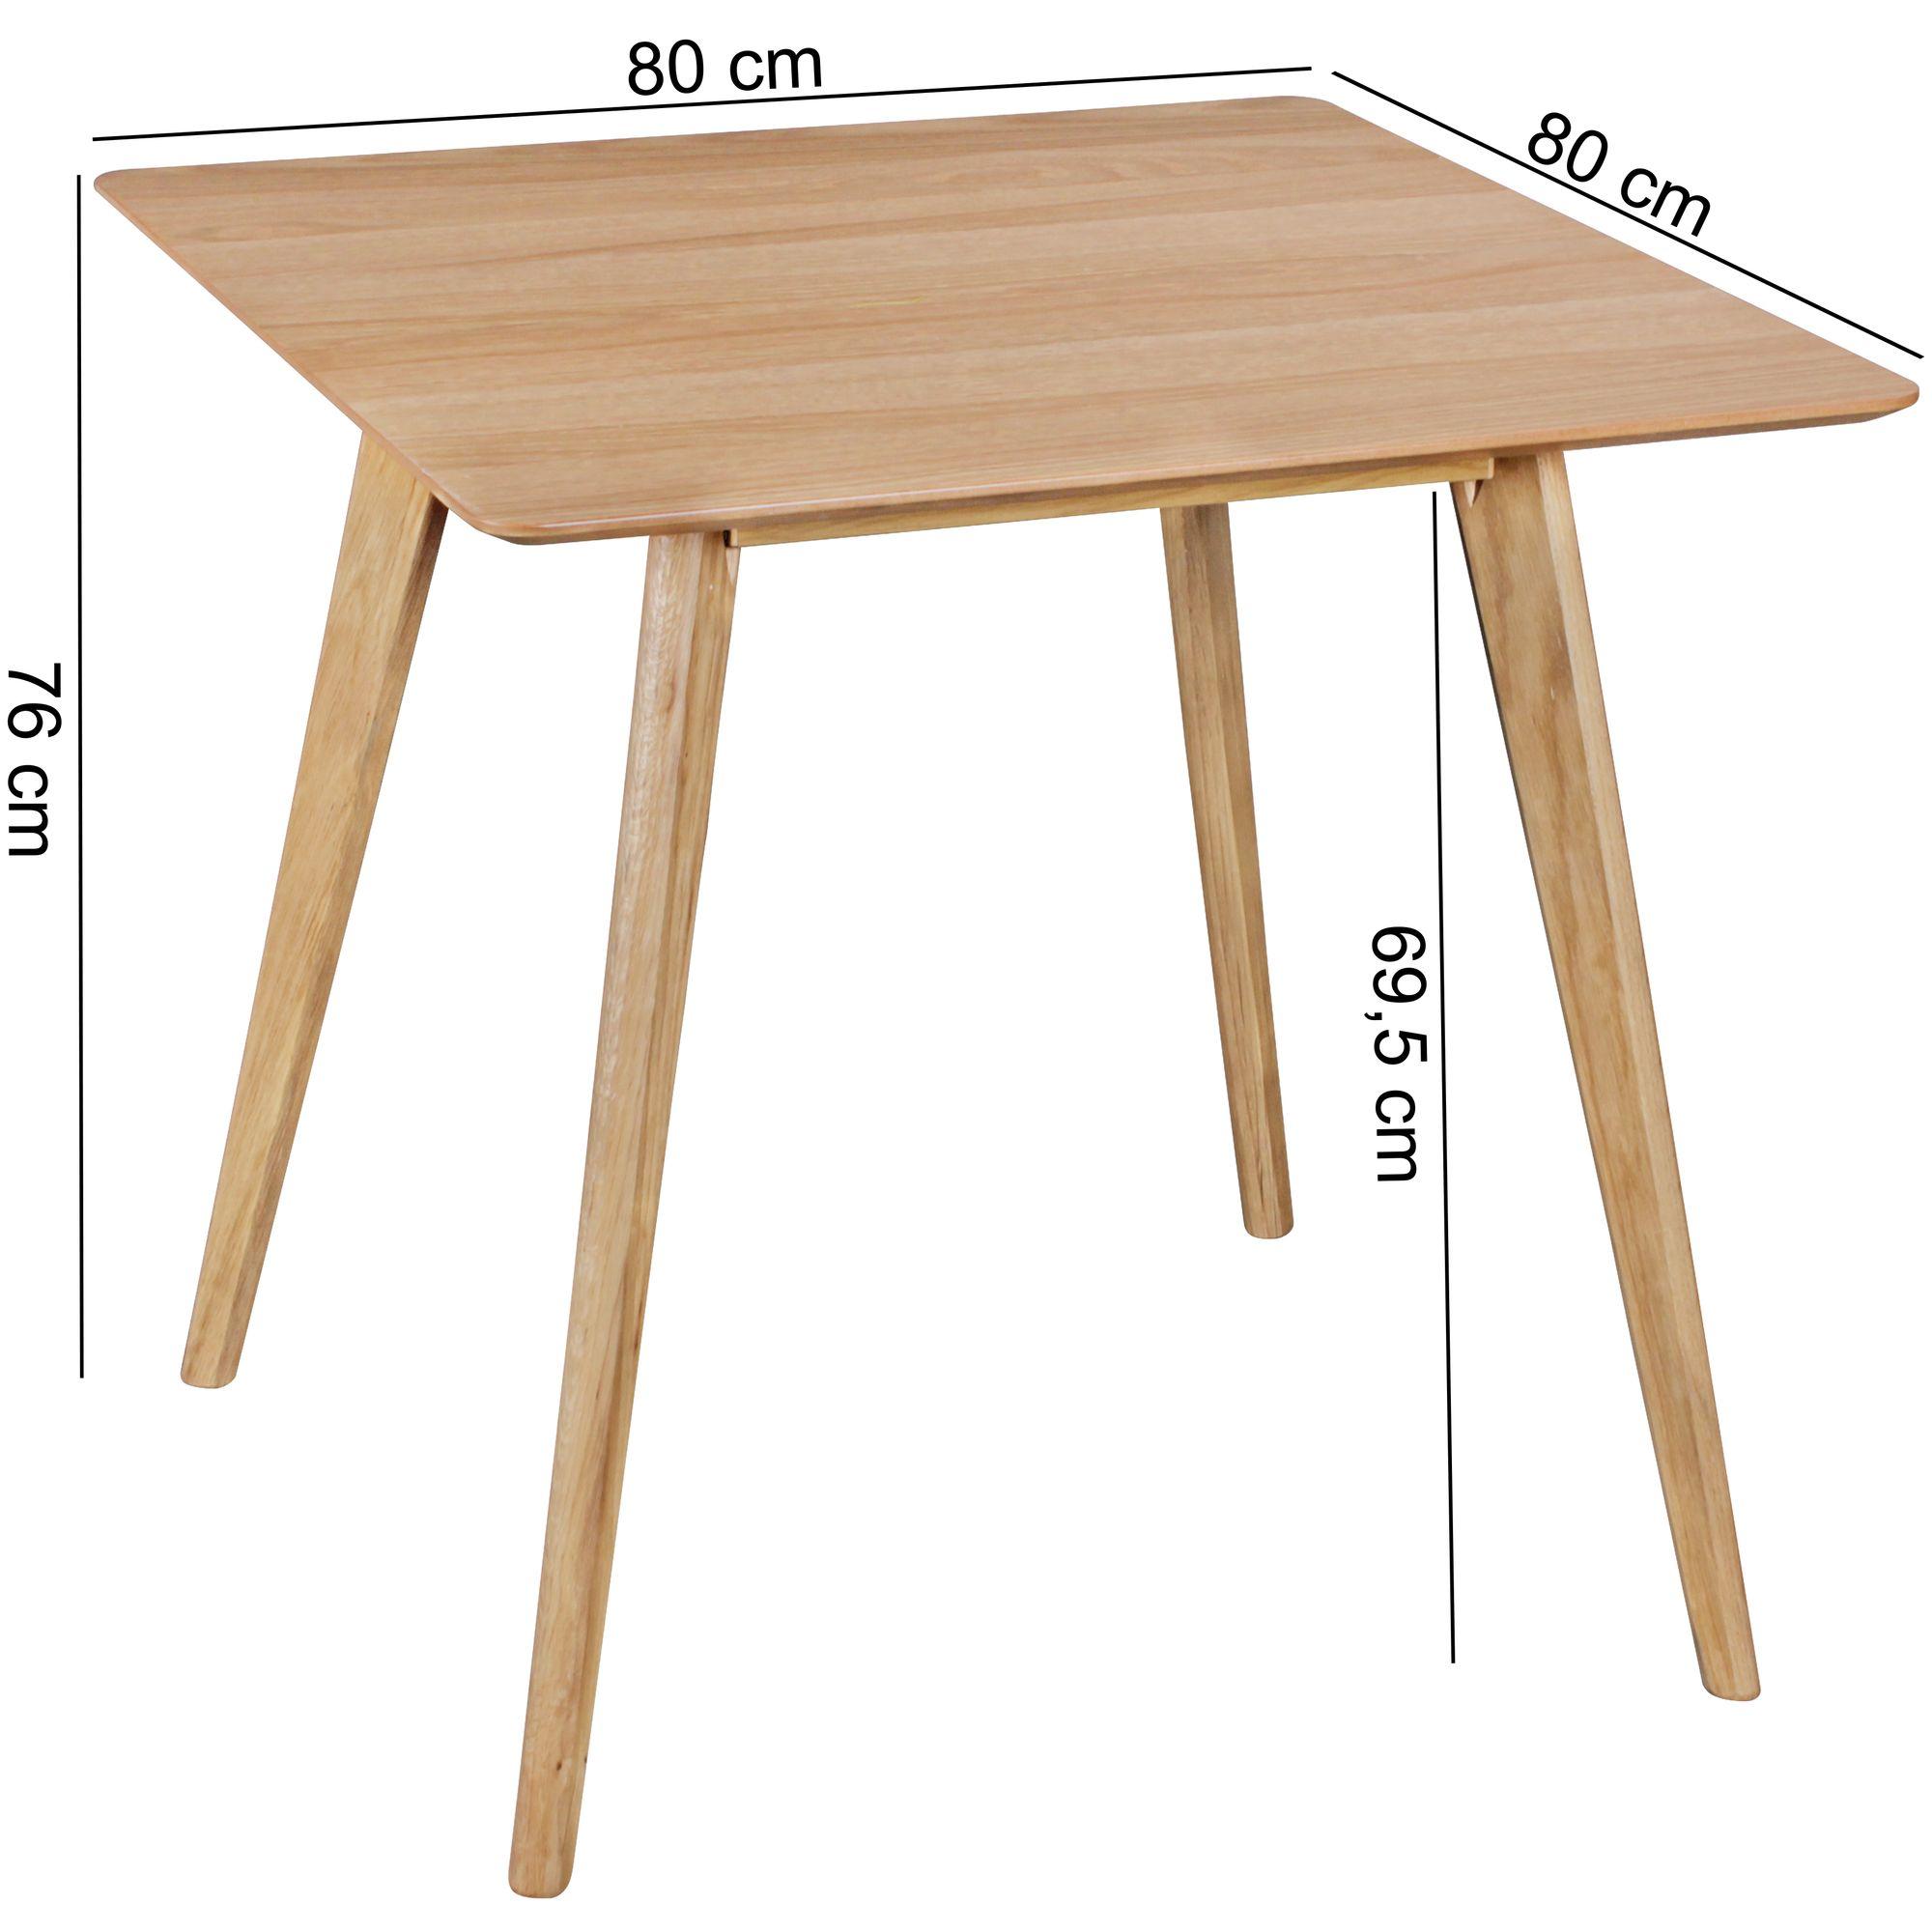 Esszimmertisch Holz Skandinavisch 80 X 80 Cm Eiche Design Esstisch